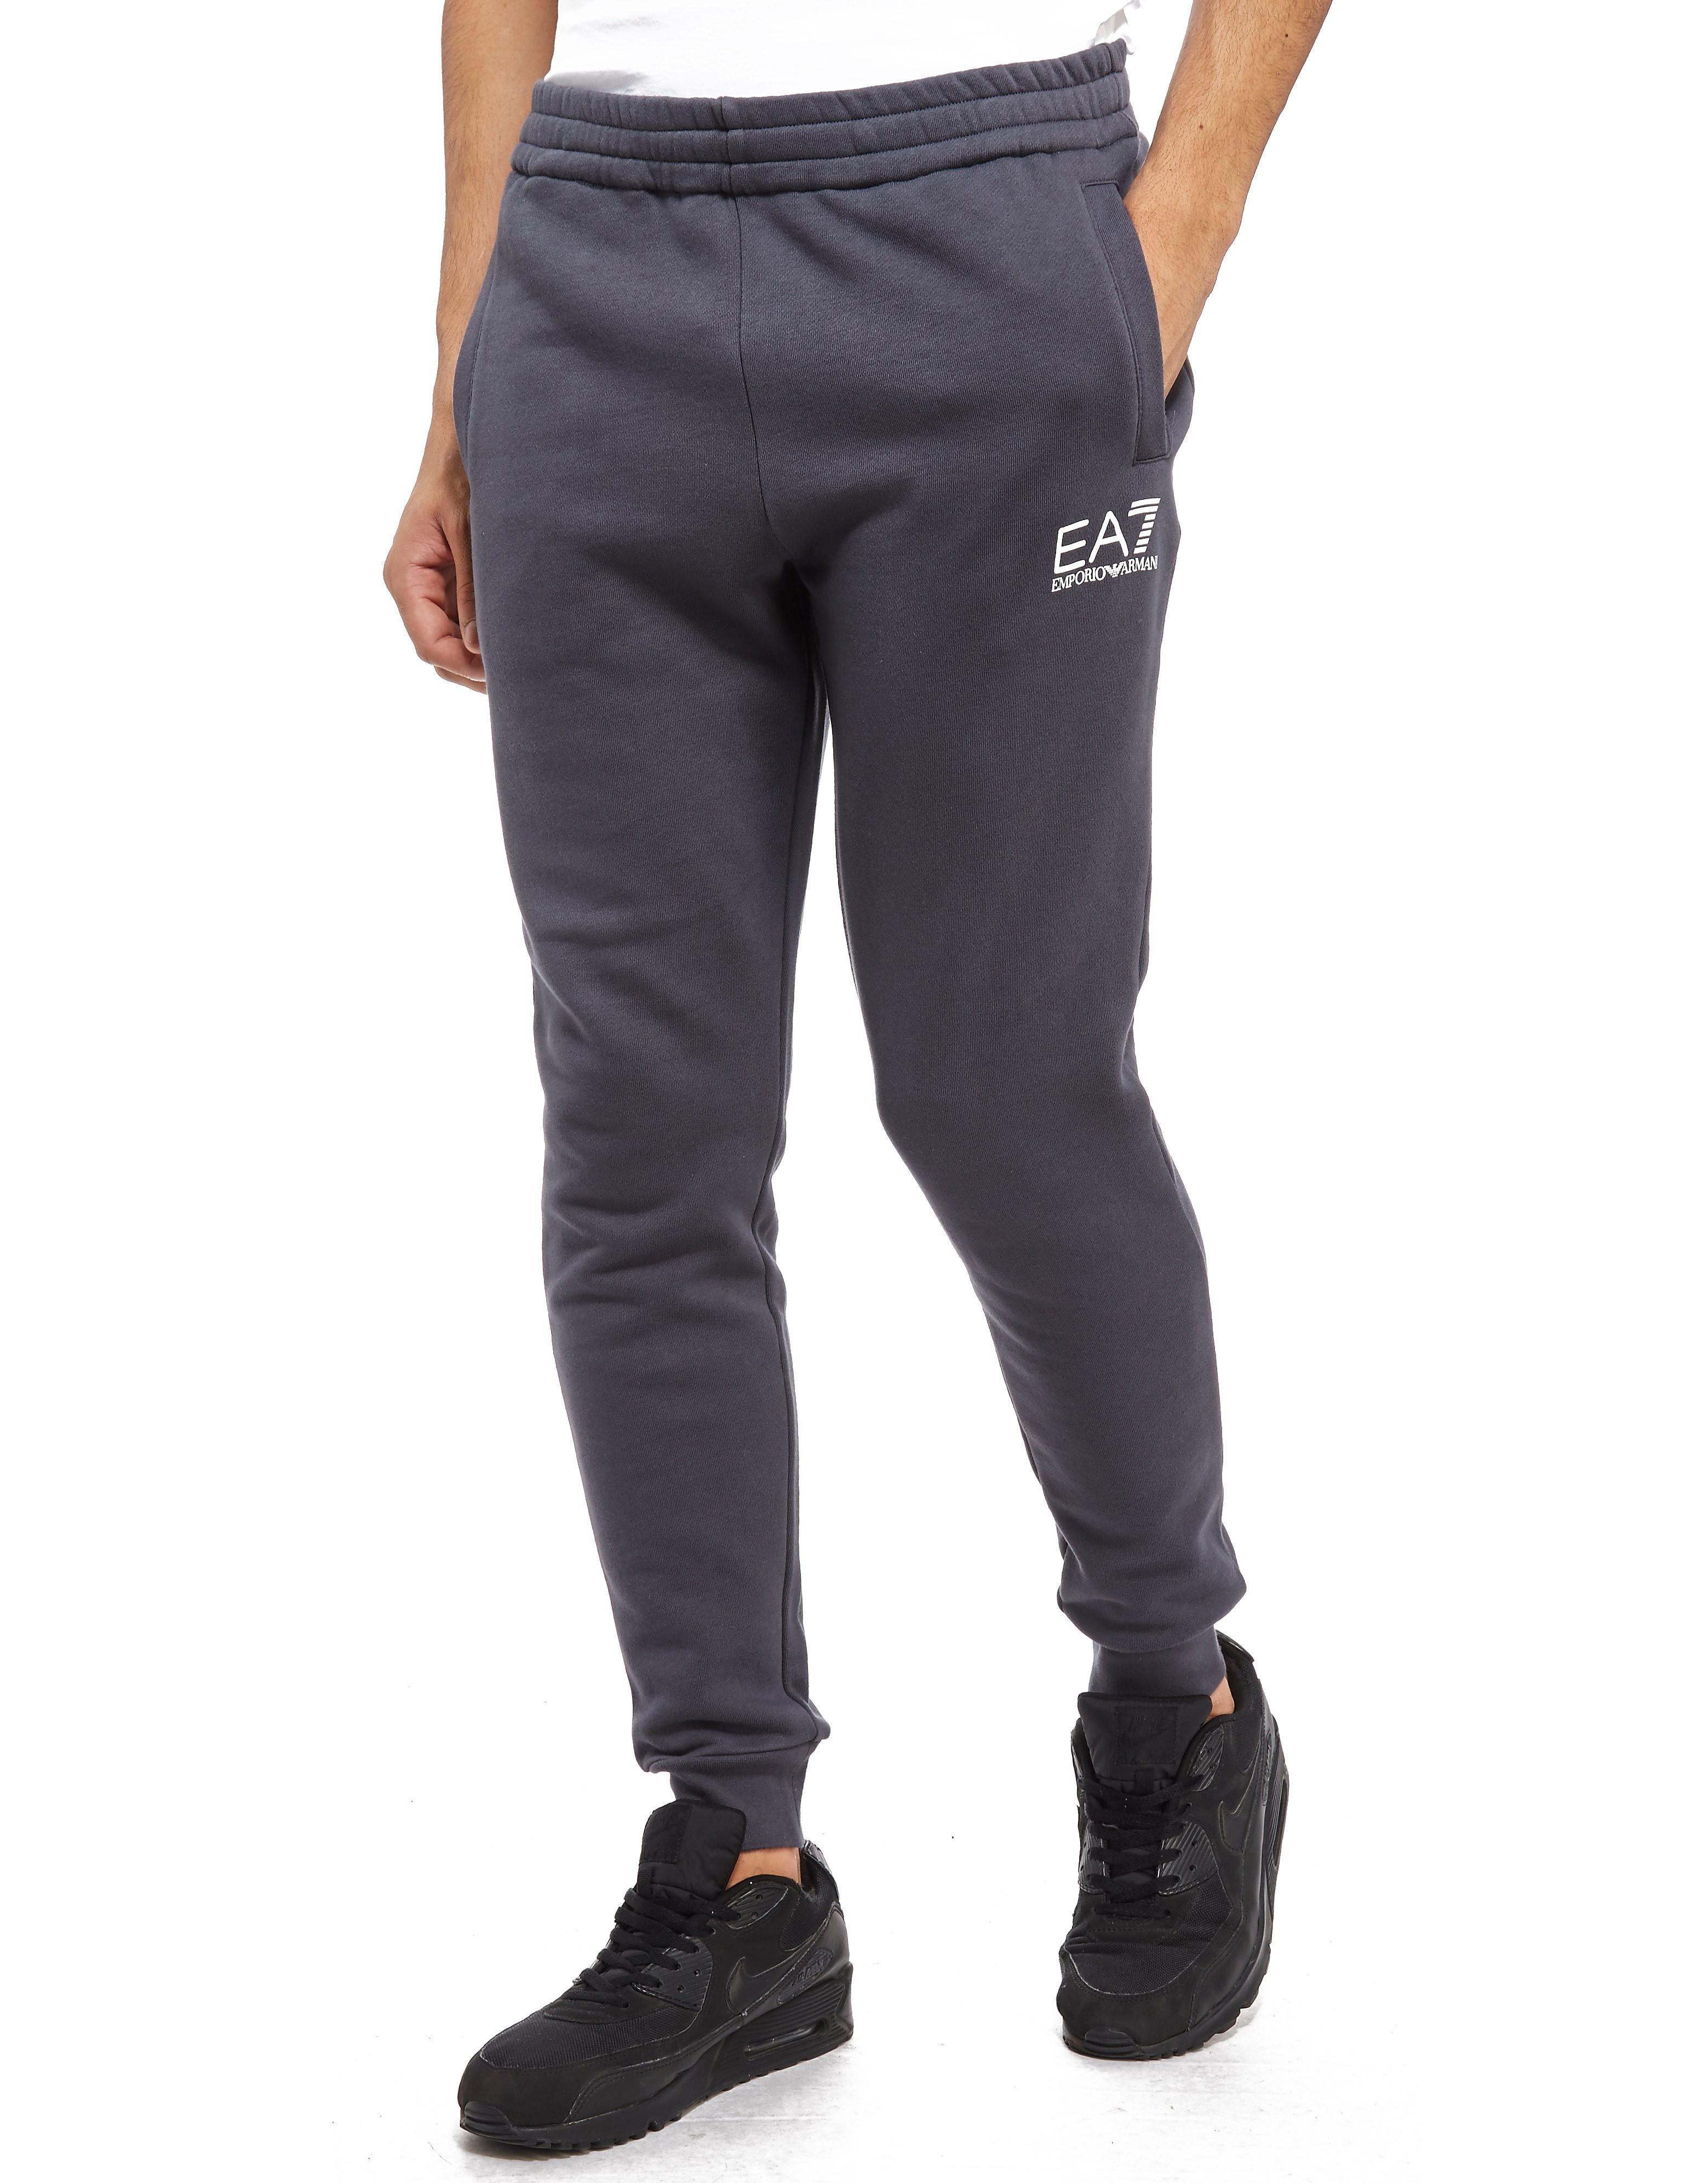 Emporio Armani EA7 Core Fleece Pants